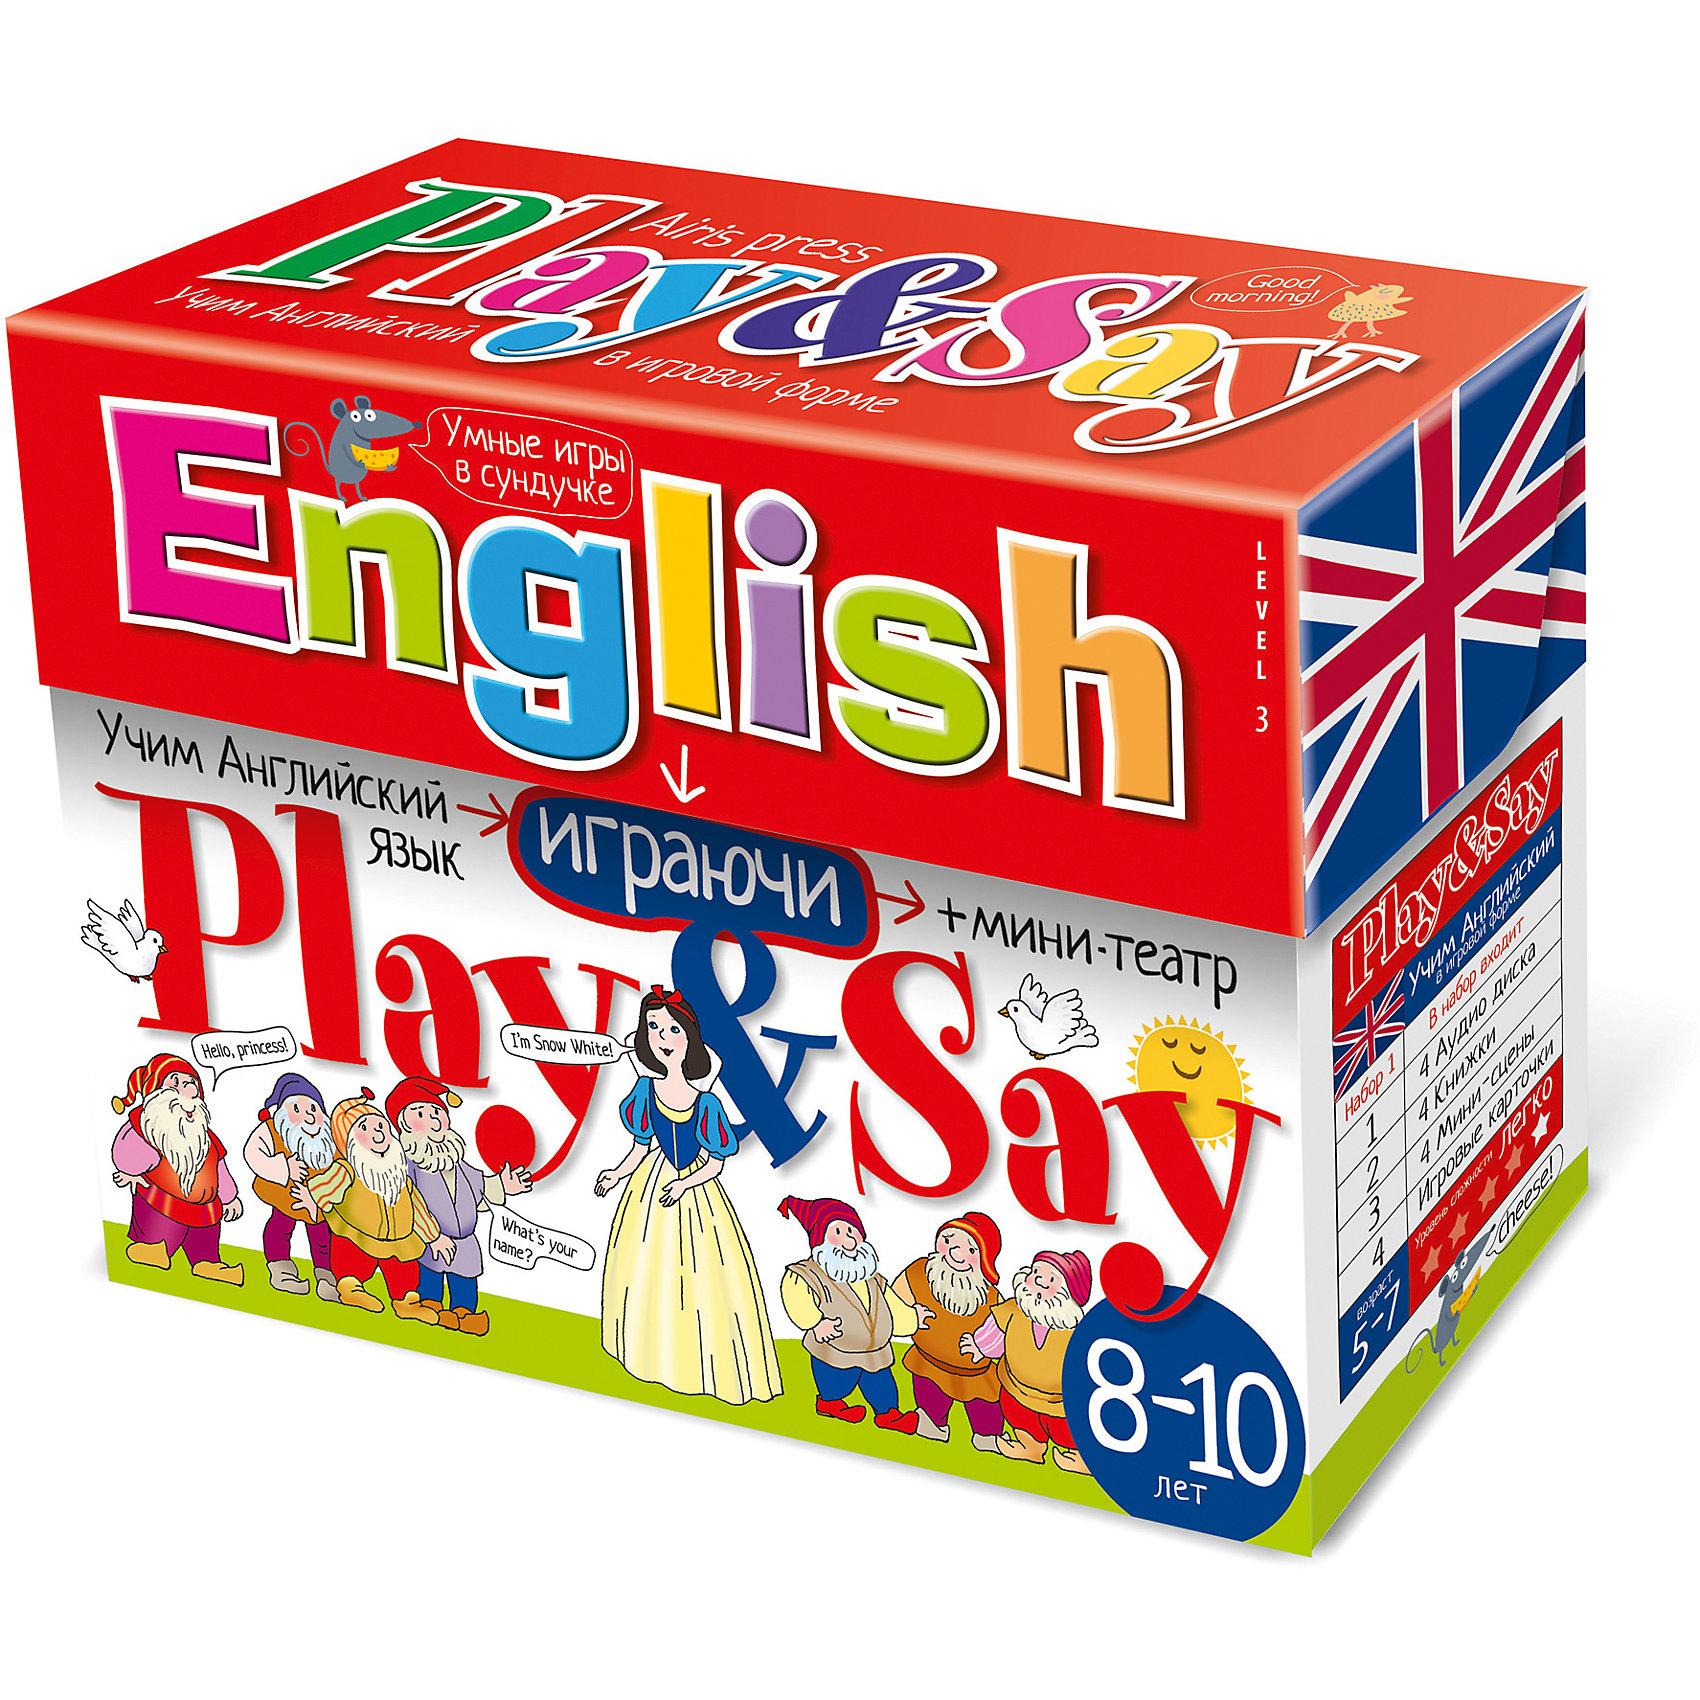 Учим английский язык Play&amp;Say, уровень 3, красныйАЙРИС-пресс<br>Набор English: Play &amp; Say. Level 3 из серии «Умные игры в сундучке» поможет детям преодолеть языковой барьер и начать говорить по-английски. &#13;<br>В набор входят 4 книги со сказками, адаптированными специально для детей младшего школьного возраста («Красная шапочка», «Белоснежка», «Красавица и чудовище», «Золушка»). К сказкам прилагается компакт-диск, на котором представлены аудиозаписи сказок. Также в сундучке вы найдёте набор игровых карточек, разработанный таким образом, что ребёнок во время игры сможет с удовольствием и не заметно для себя выучить новые английские слова. В набор также входит объемный мини-театр с игровыми фигурками (8 мини-сцен + герои и предметы из сказок). Мини-театр позволит разыграть четыре спектакля по мотивам входящих в набор сказок.&#13;<br>Кроме того, в сундучке вы найдёте сборник с методическими рекомендациями, который поможет вам правильно организовать работу со всеми элементами набора.<br><br>Ширина мм: 65<br>Глубина мм: 220<br>Высота мм: 165<br>Вес г: 750<br>Возраст от месяцев: -2147483648<br>Возраст до месяцев: 2147483647<br>Пол: Унисекс<br>Возраст: Детский<br>SKU: 6849583